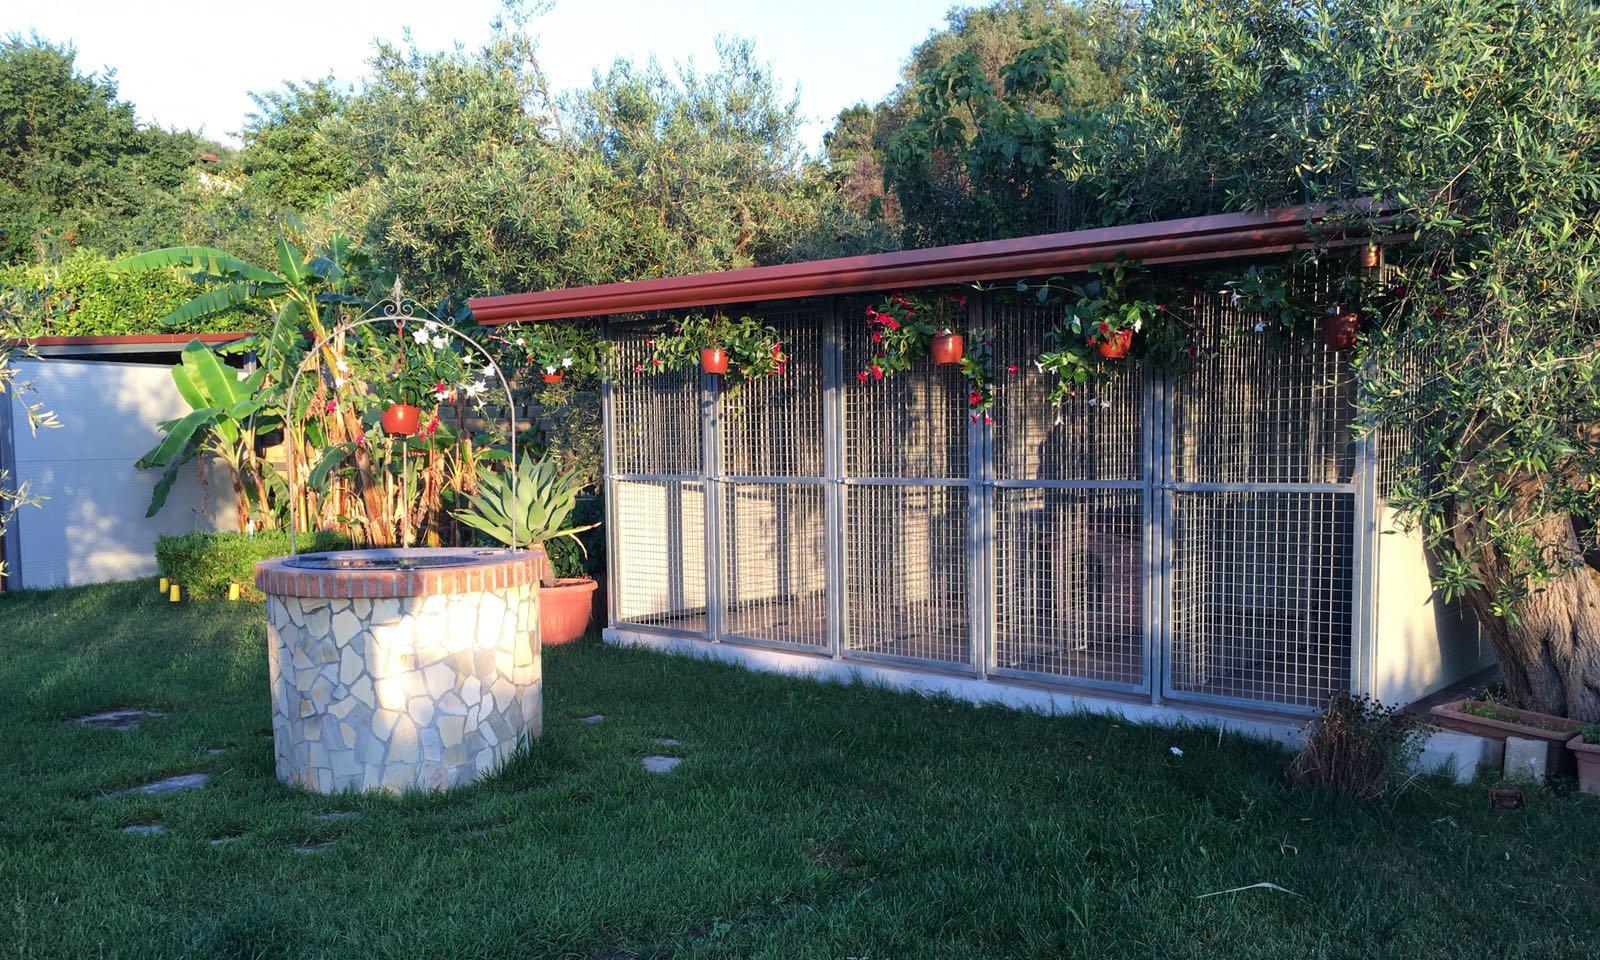 il nostro negozio, visuale interna Image-  Servizio di pensione per cani a 5 stalli Spadafora